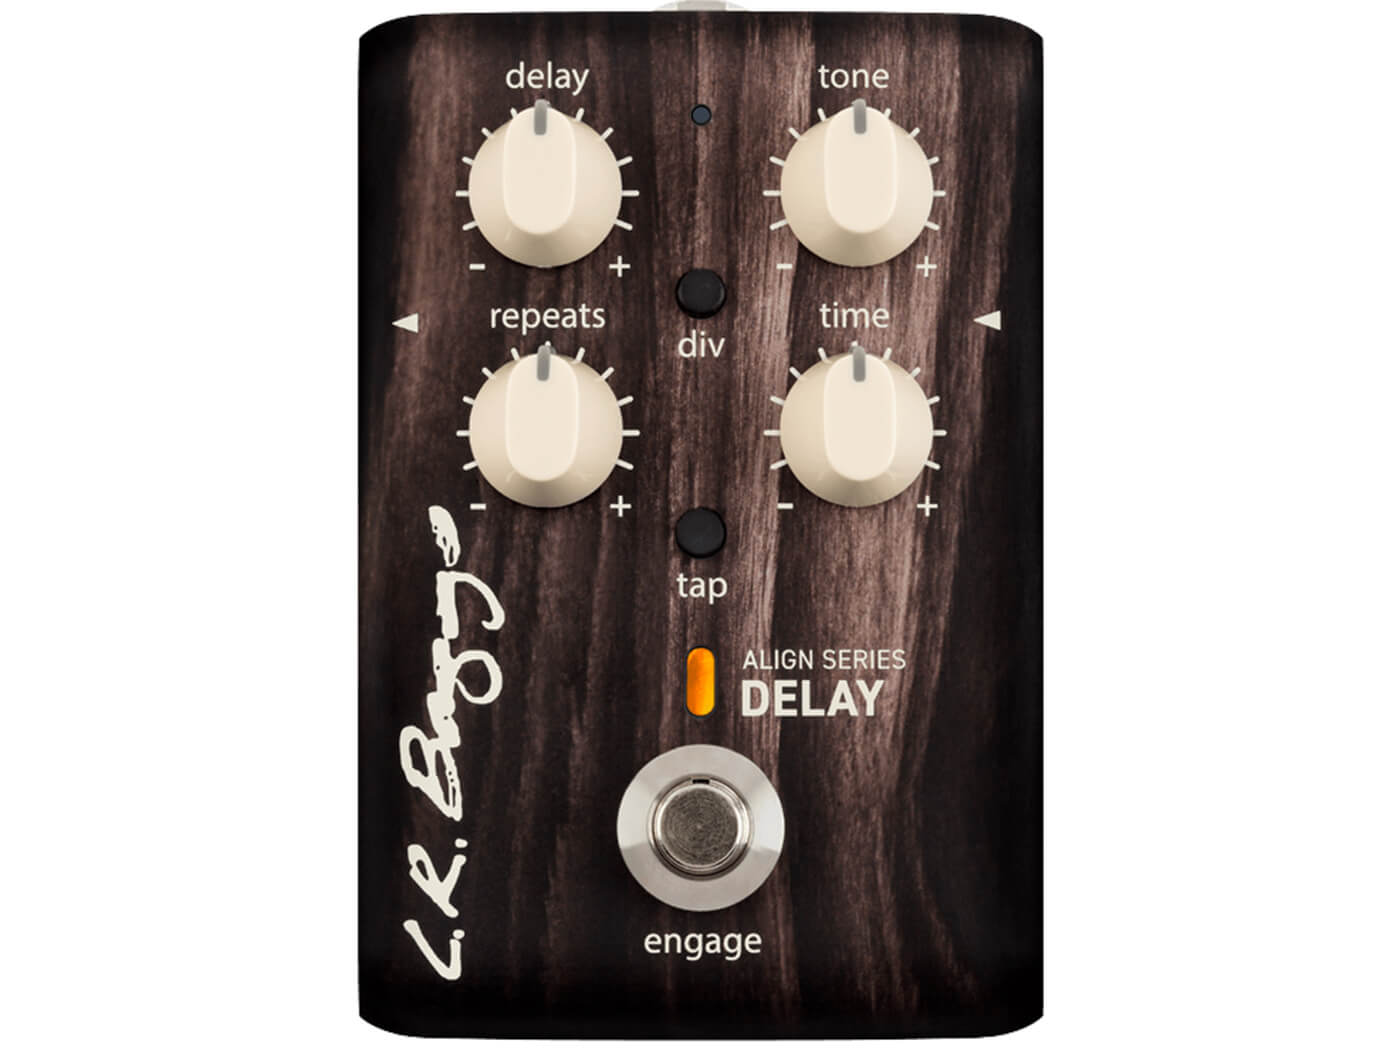 LR Baggs Align Series Delay